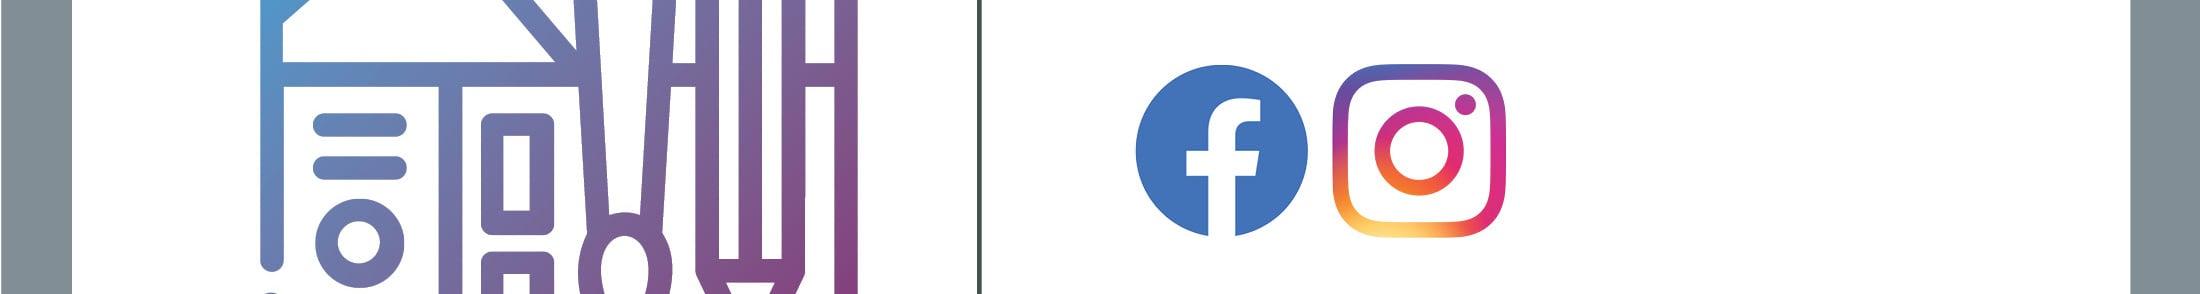 Social Media Adv checklist_11